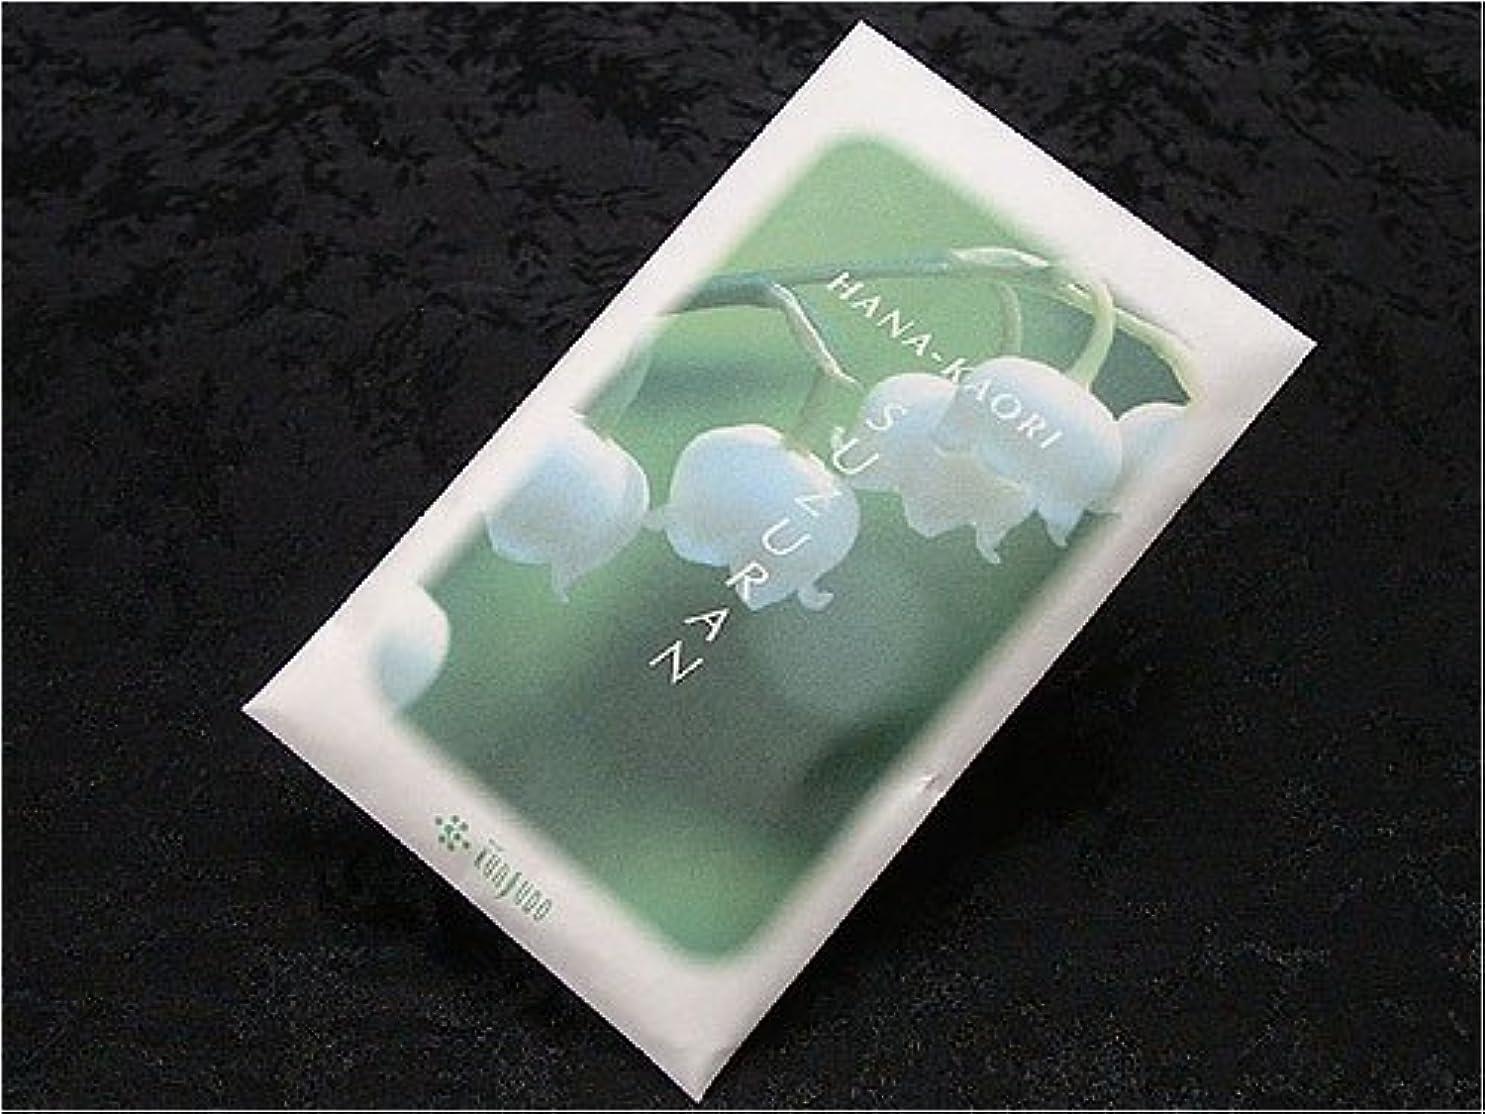 気難しい確かな知覚薫寿堂の匂い袋 花かおり サシェ すずらん